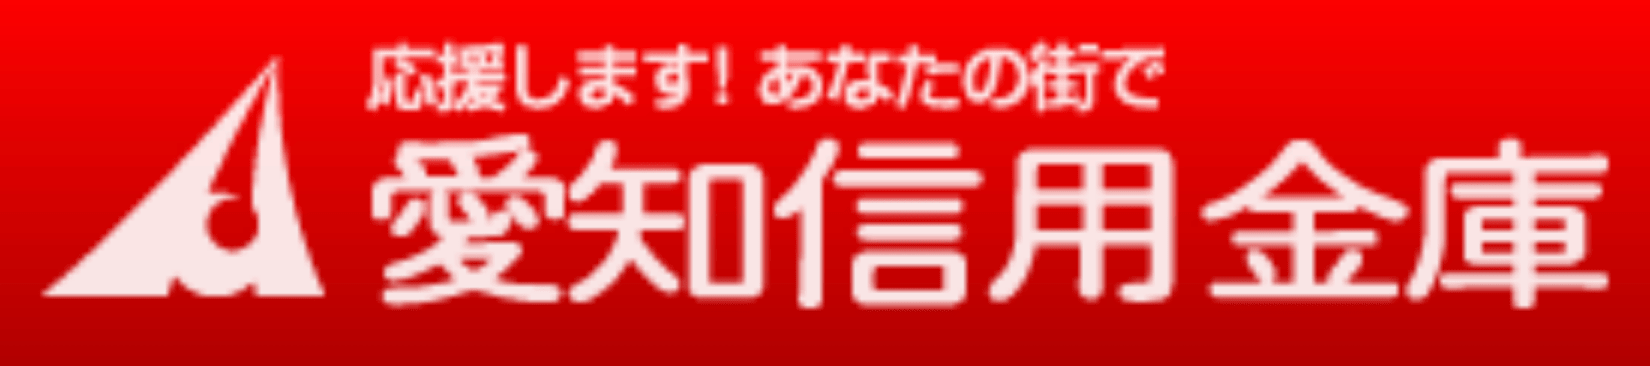 愛知信用金庫の年末年始の営業日や営業時間・ATM手数料